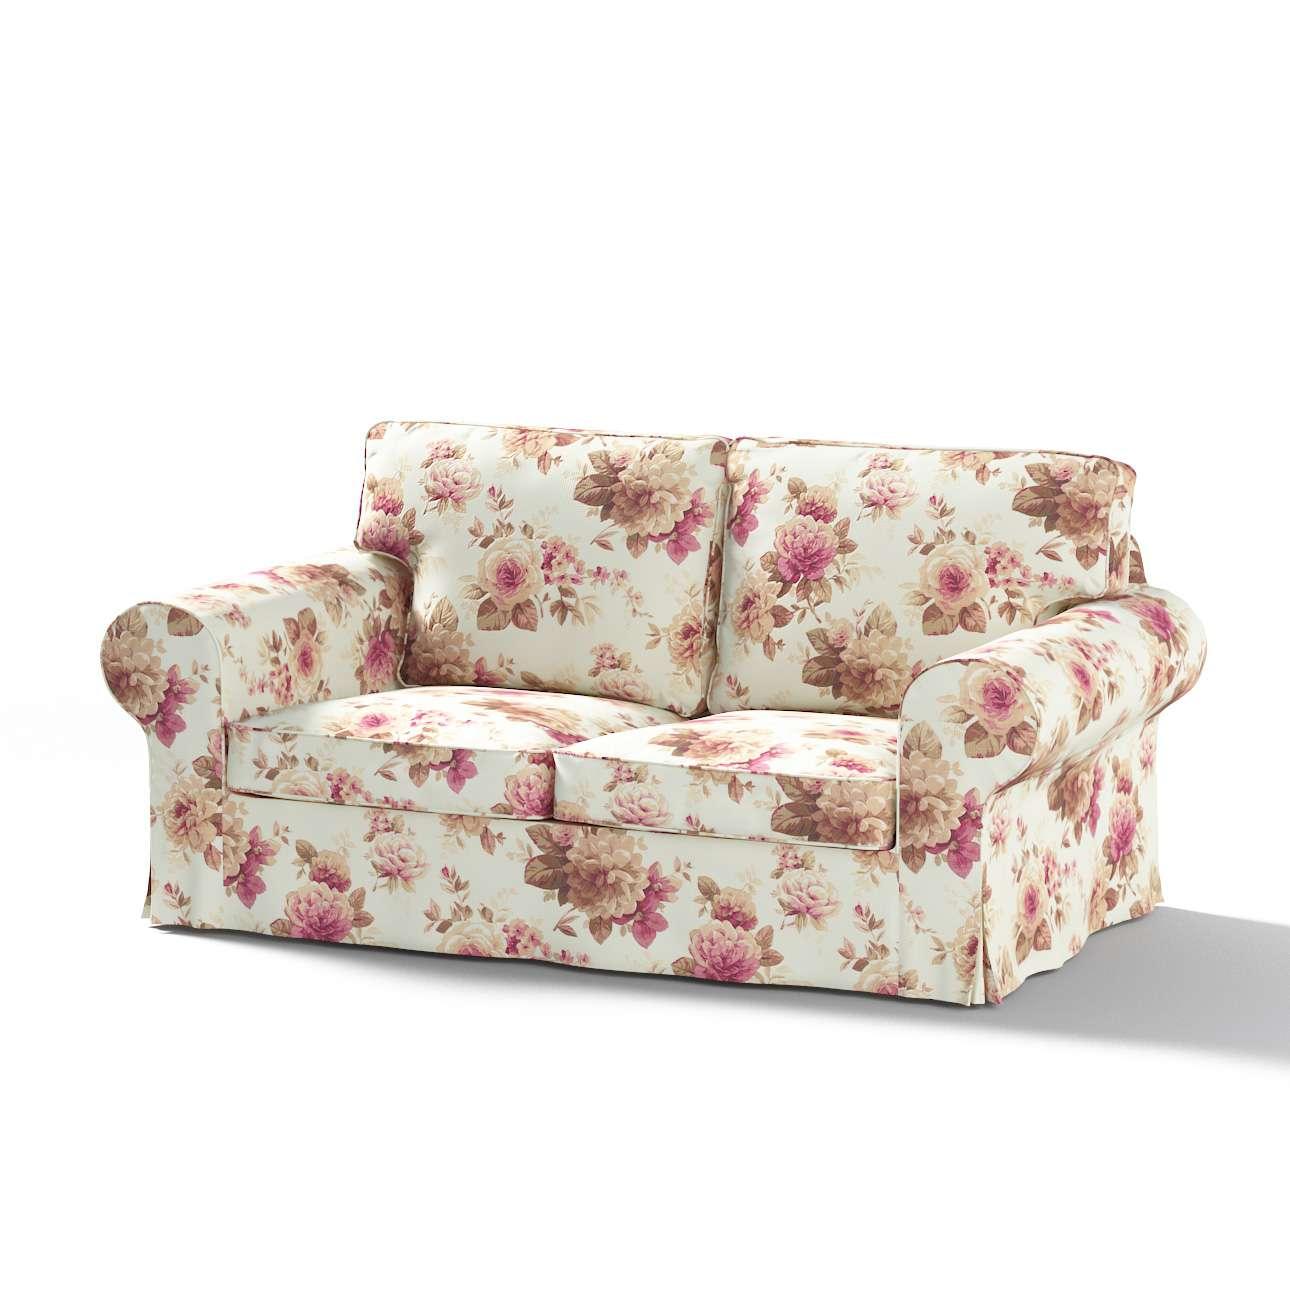 Ektorp dvivietės sofos užvalkalas Ektorp dvivietės sofos užvalkalas kolekcijoje Mirella, audinys: 141-06